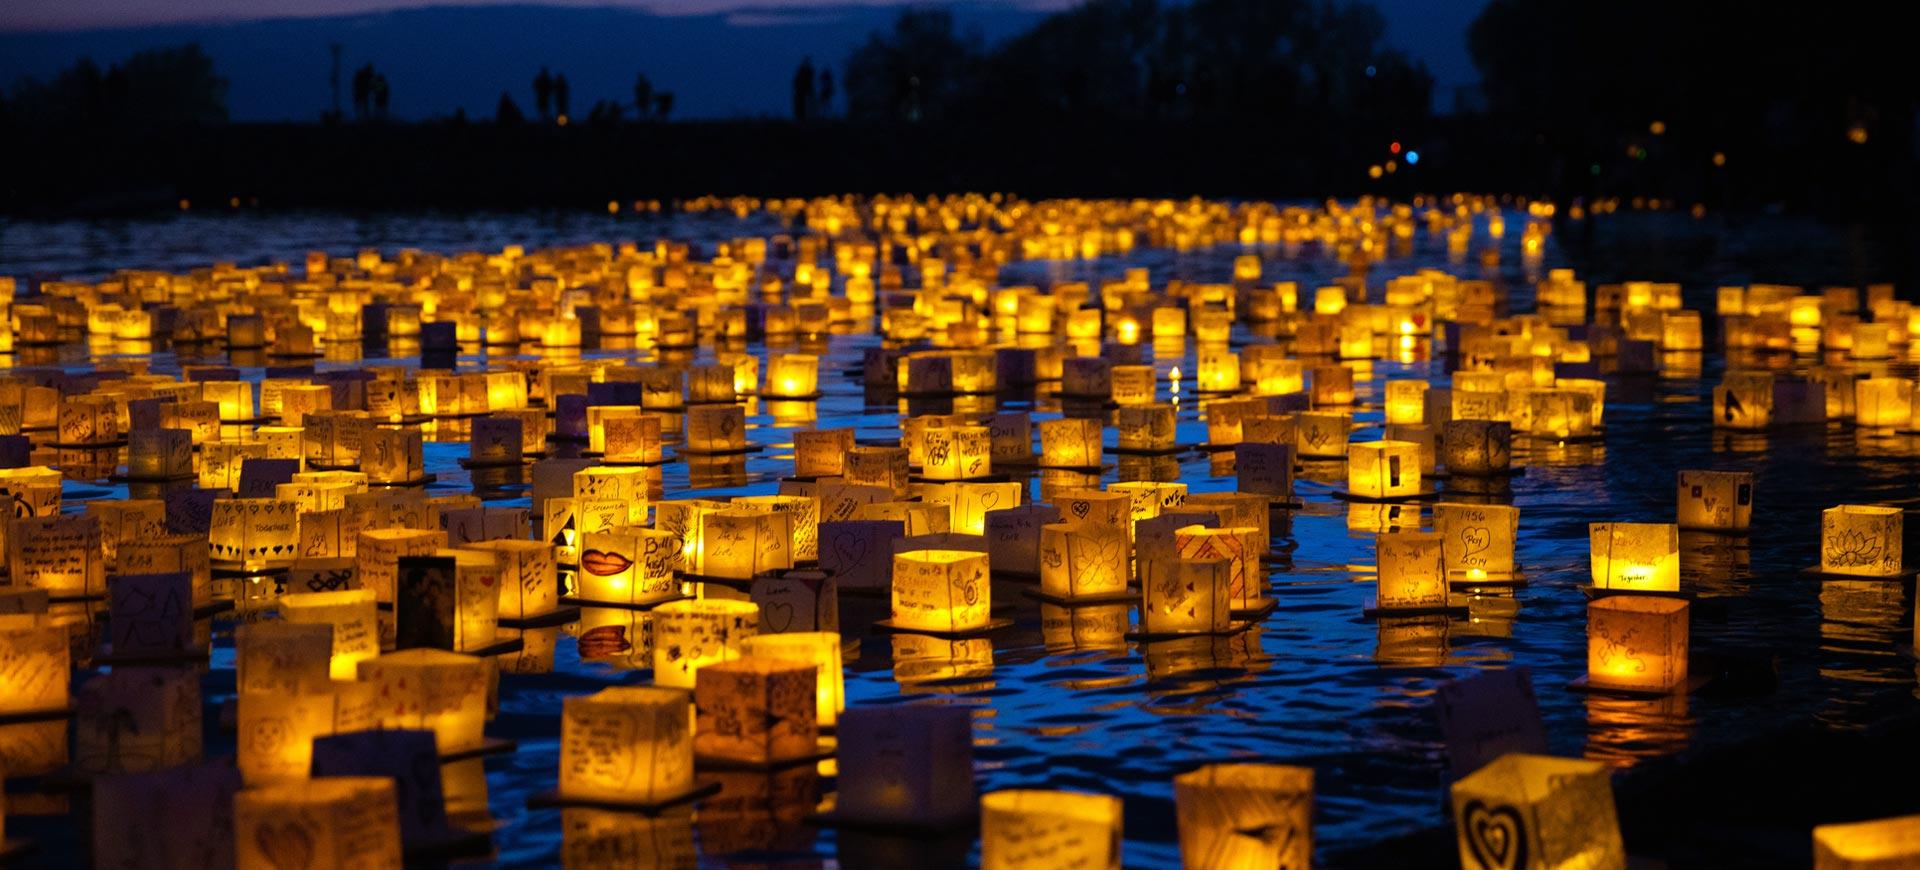 Water Lantern Festival | Tickets on Sale